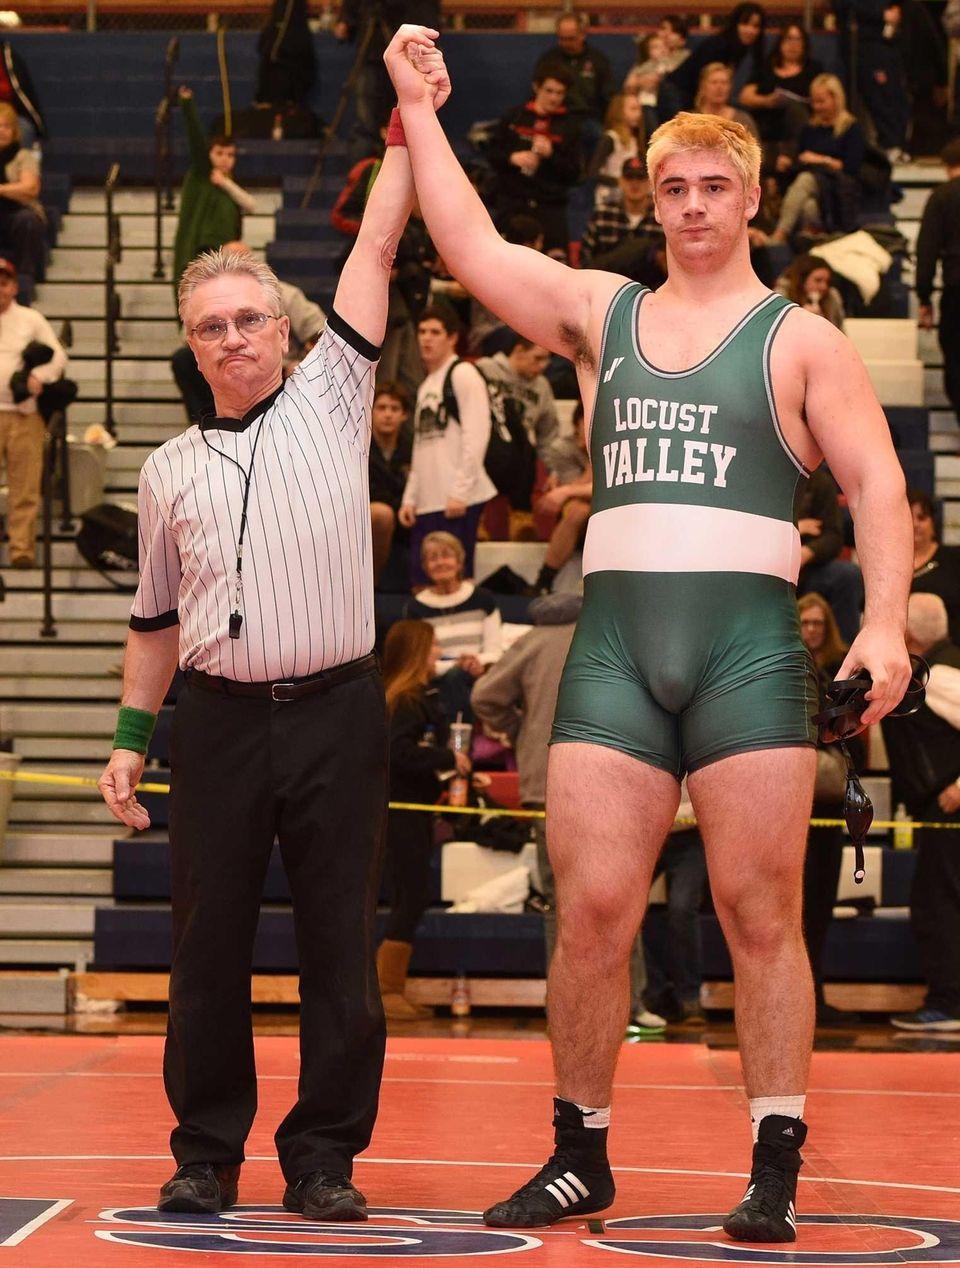 Spencer Matthaei, Locust Valley 285 pounds Nassau Division